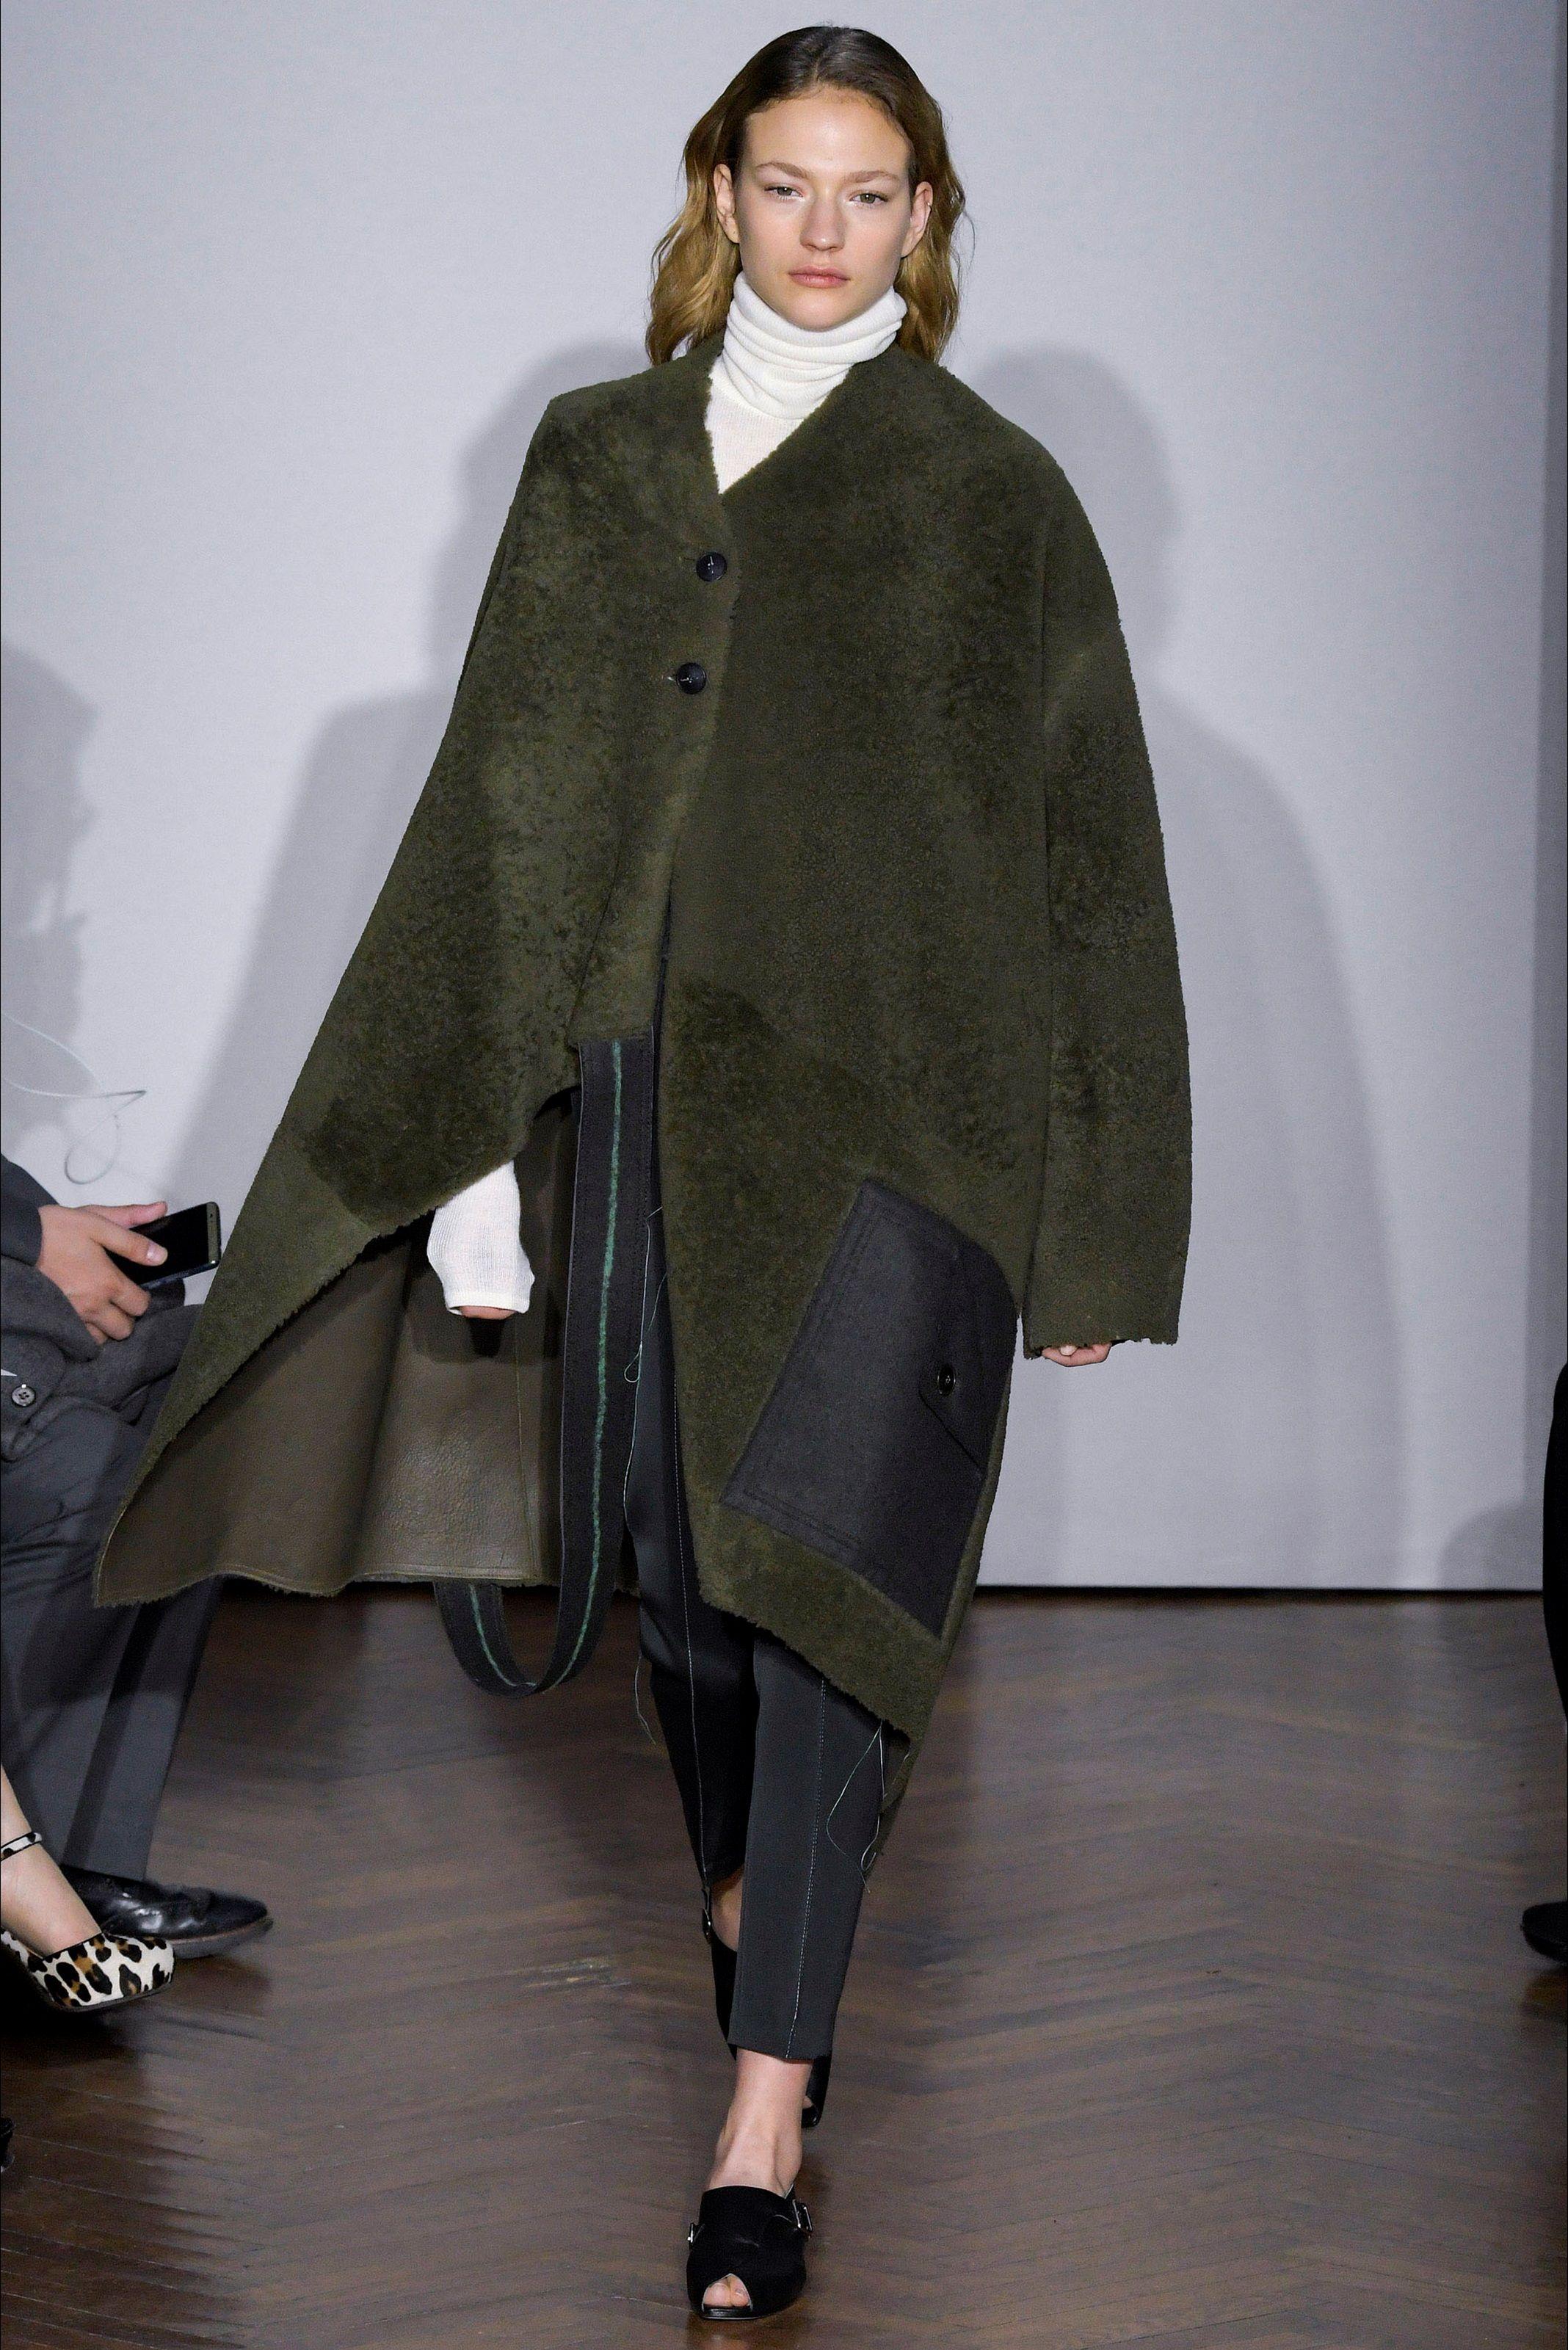 Guarda la sfilata di moda Gabriele Colangelo a Milano e scopri la collezione di abiti e accessori per la stagione Collezioni Autunno Inverno 2017-18.